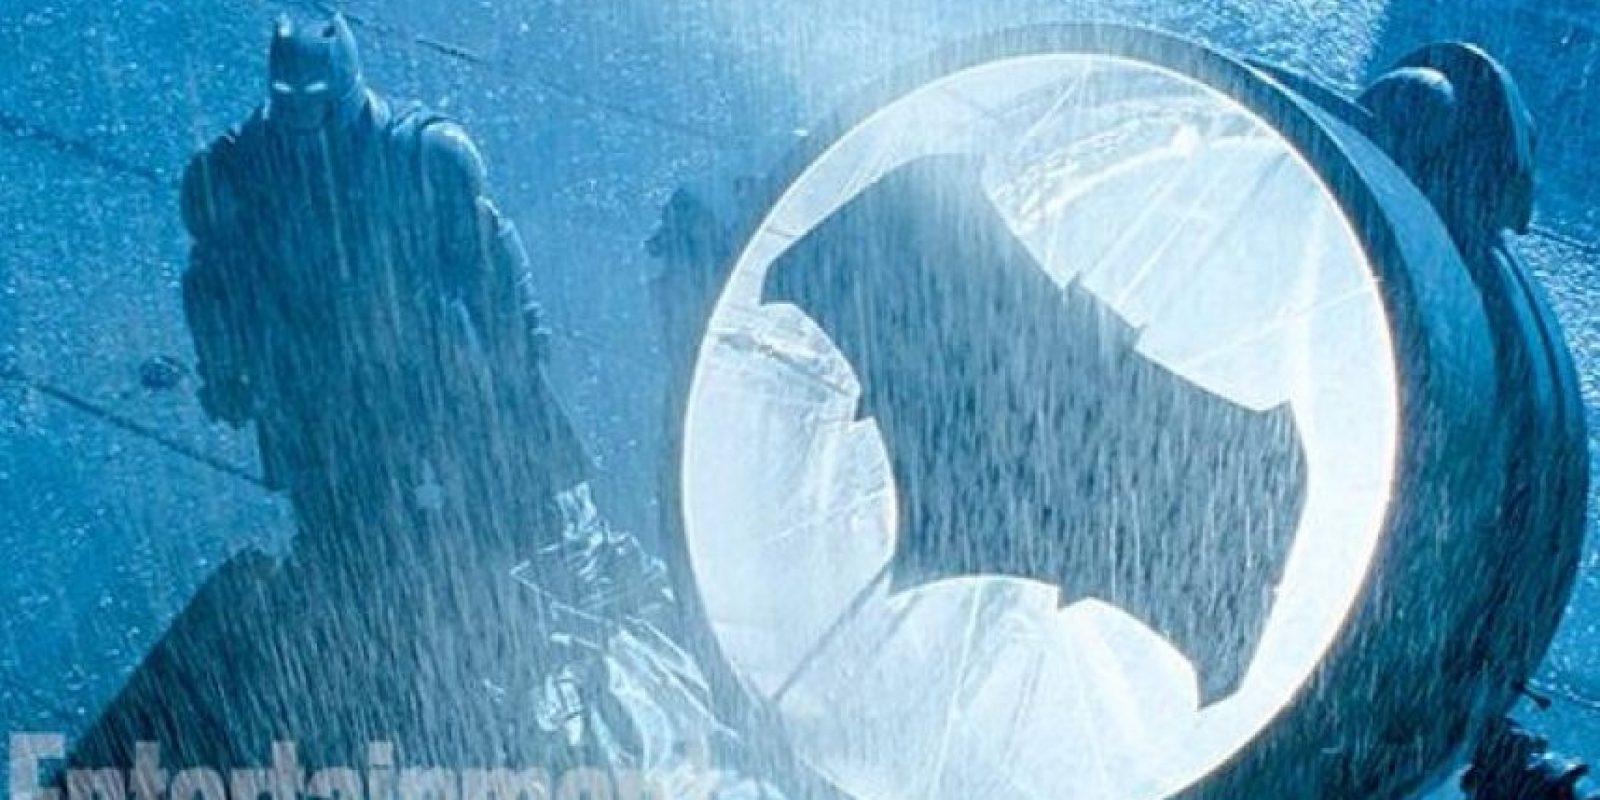 """""""Bruce Wayne"""", después de ser testigo del asesinato de sus padres cuando era niño, decide someterse a un riguroso entrenamiento físico y mental, más tarde se convierte en """"Batman"""". Foto:Twitter/EW"""